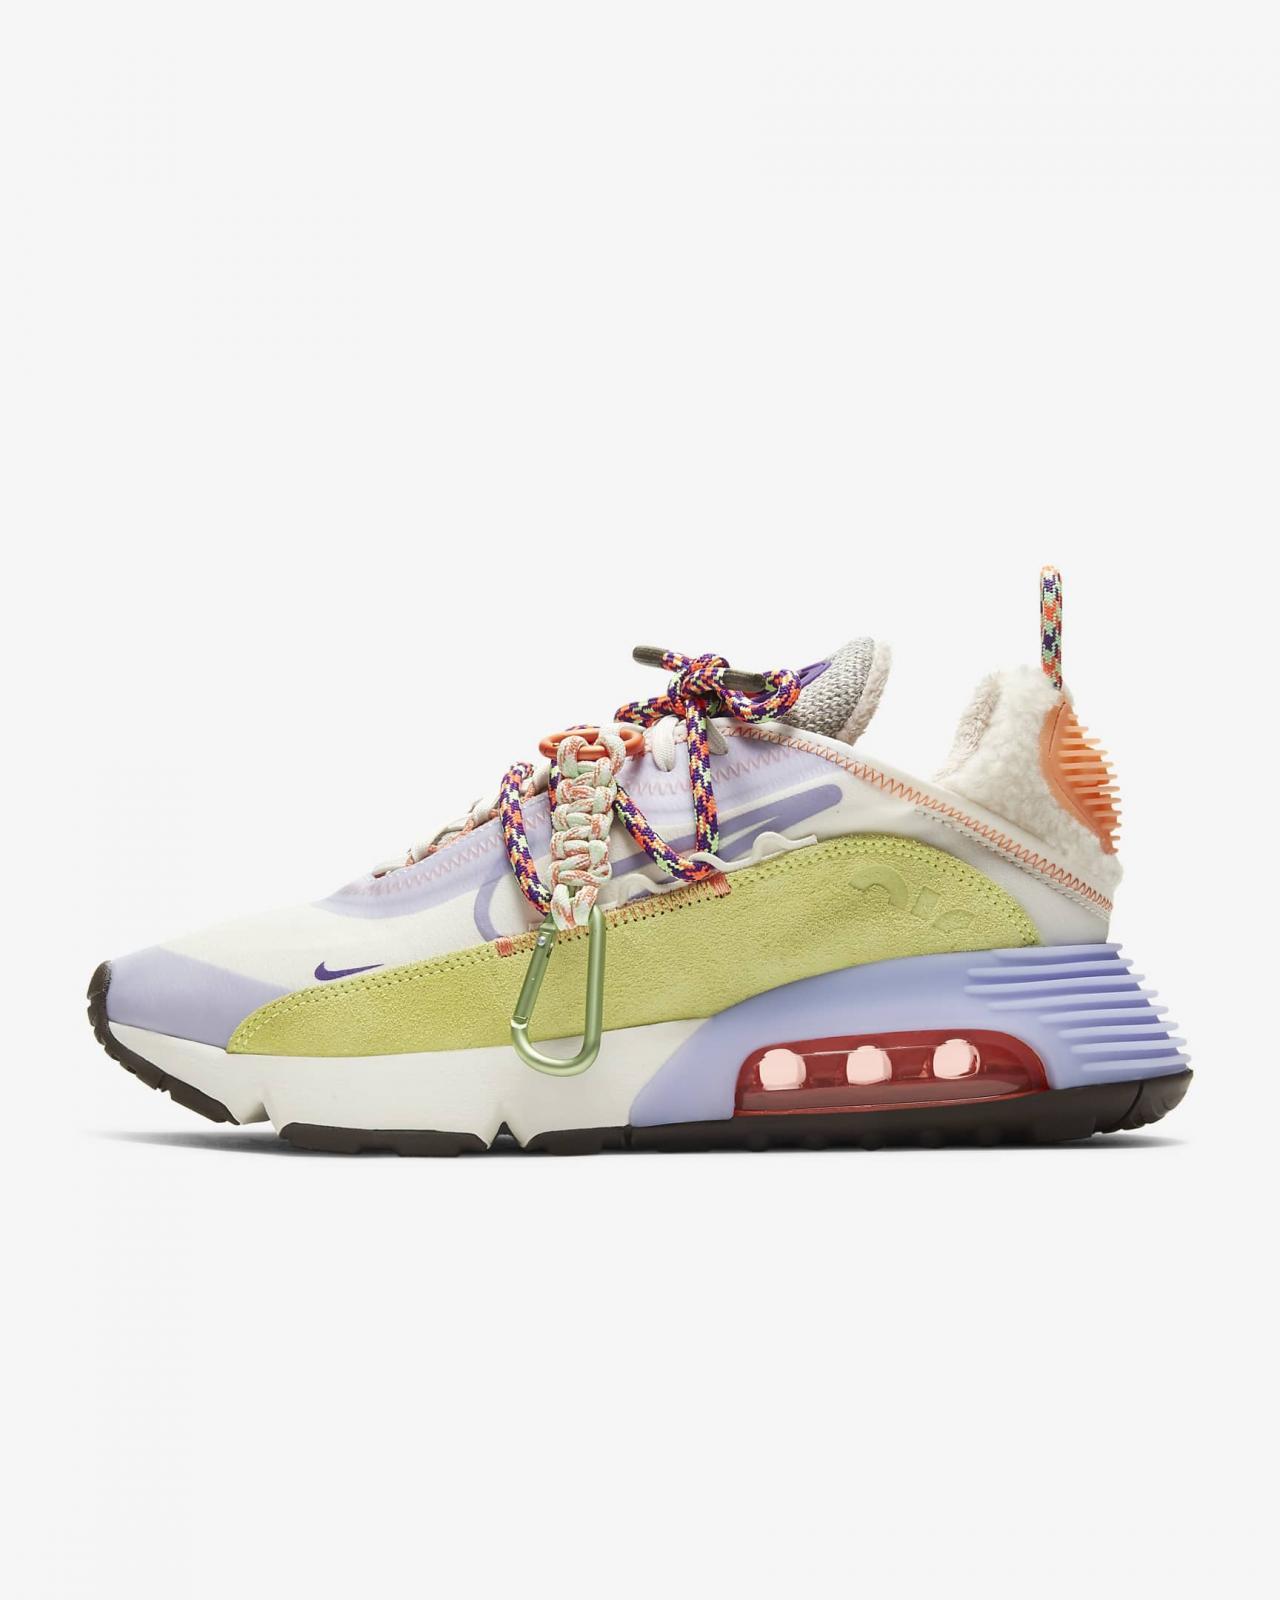 展现你的探险之魂,Nike Sportswear推出帆白/石灰光/冰艳紫丁香色WMNS Air Max 2090